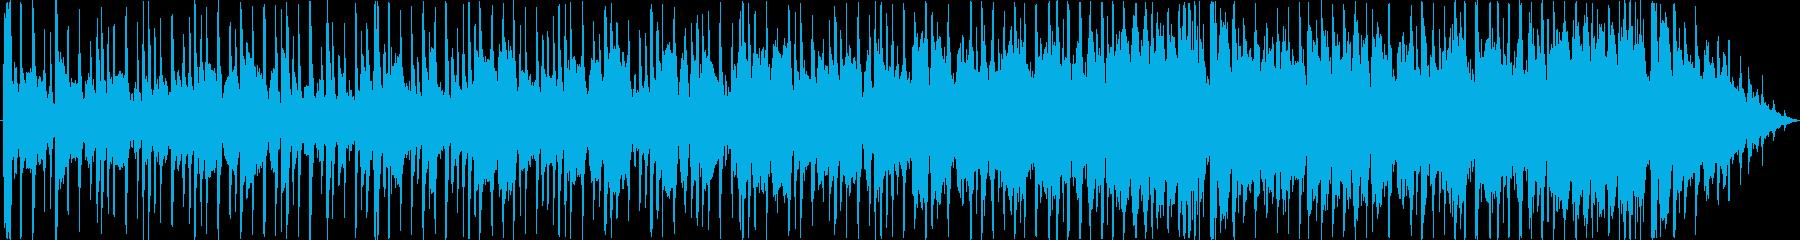 ミディアムスイング、最後にフラモニカソロの再生済みの波形